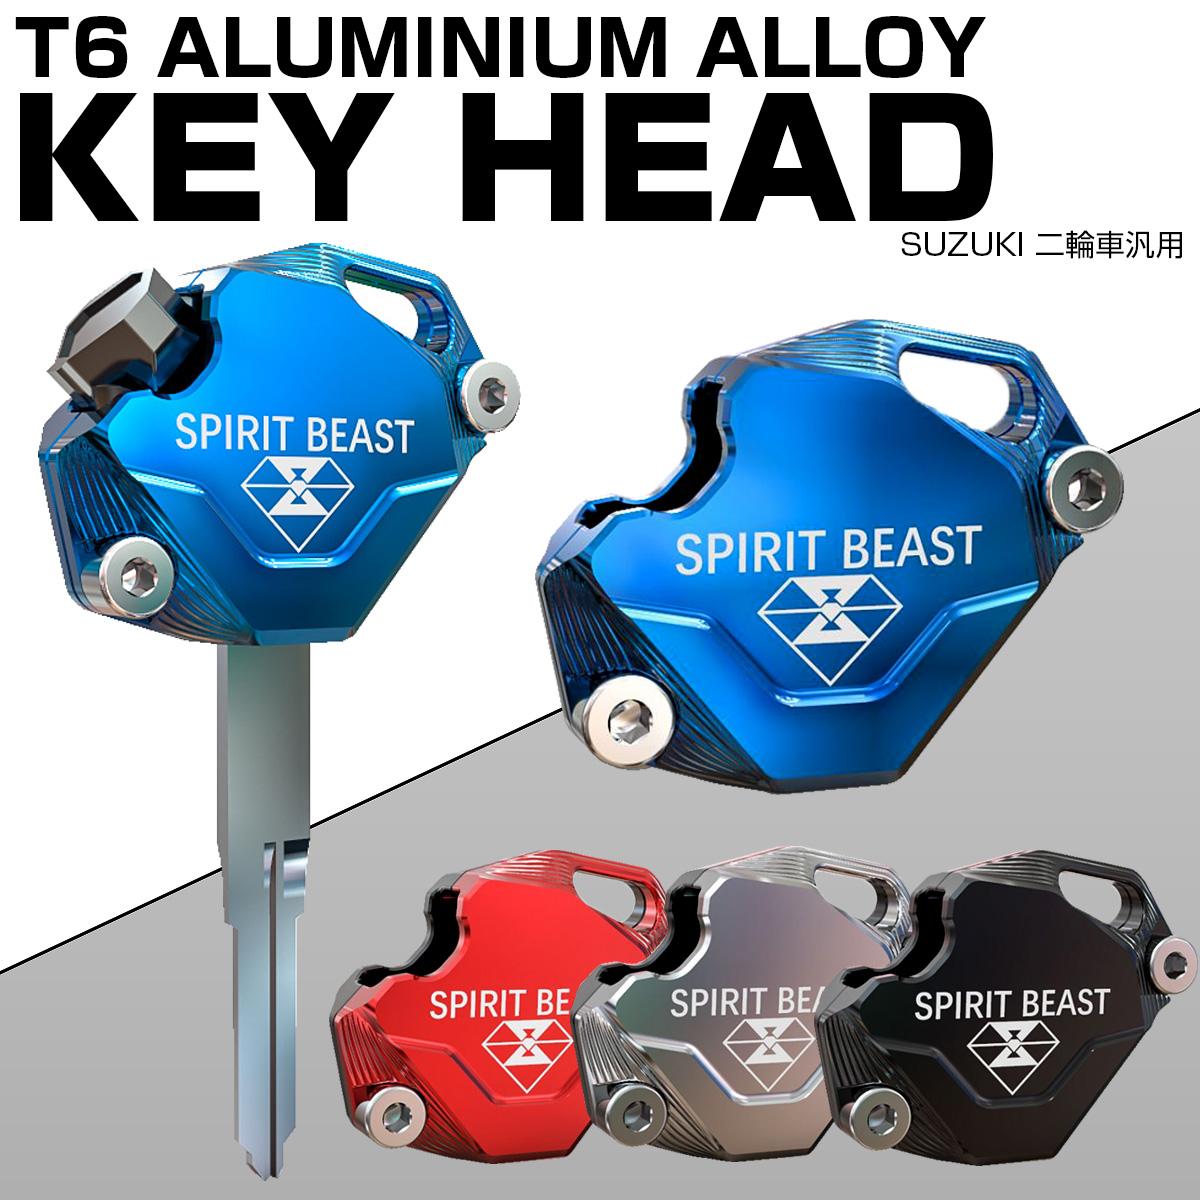 ヤマハ スズキ 汎用 キーケース キーカバー キーホルダー 鍵 T6アルミ CNC削り出し S-606